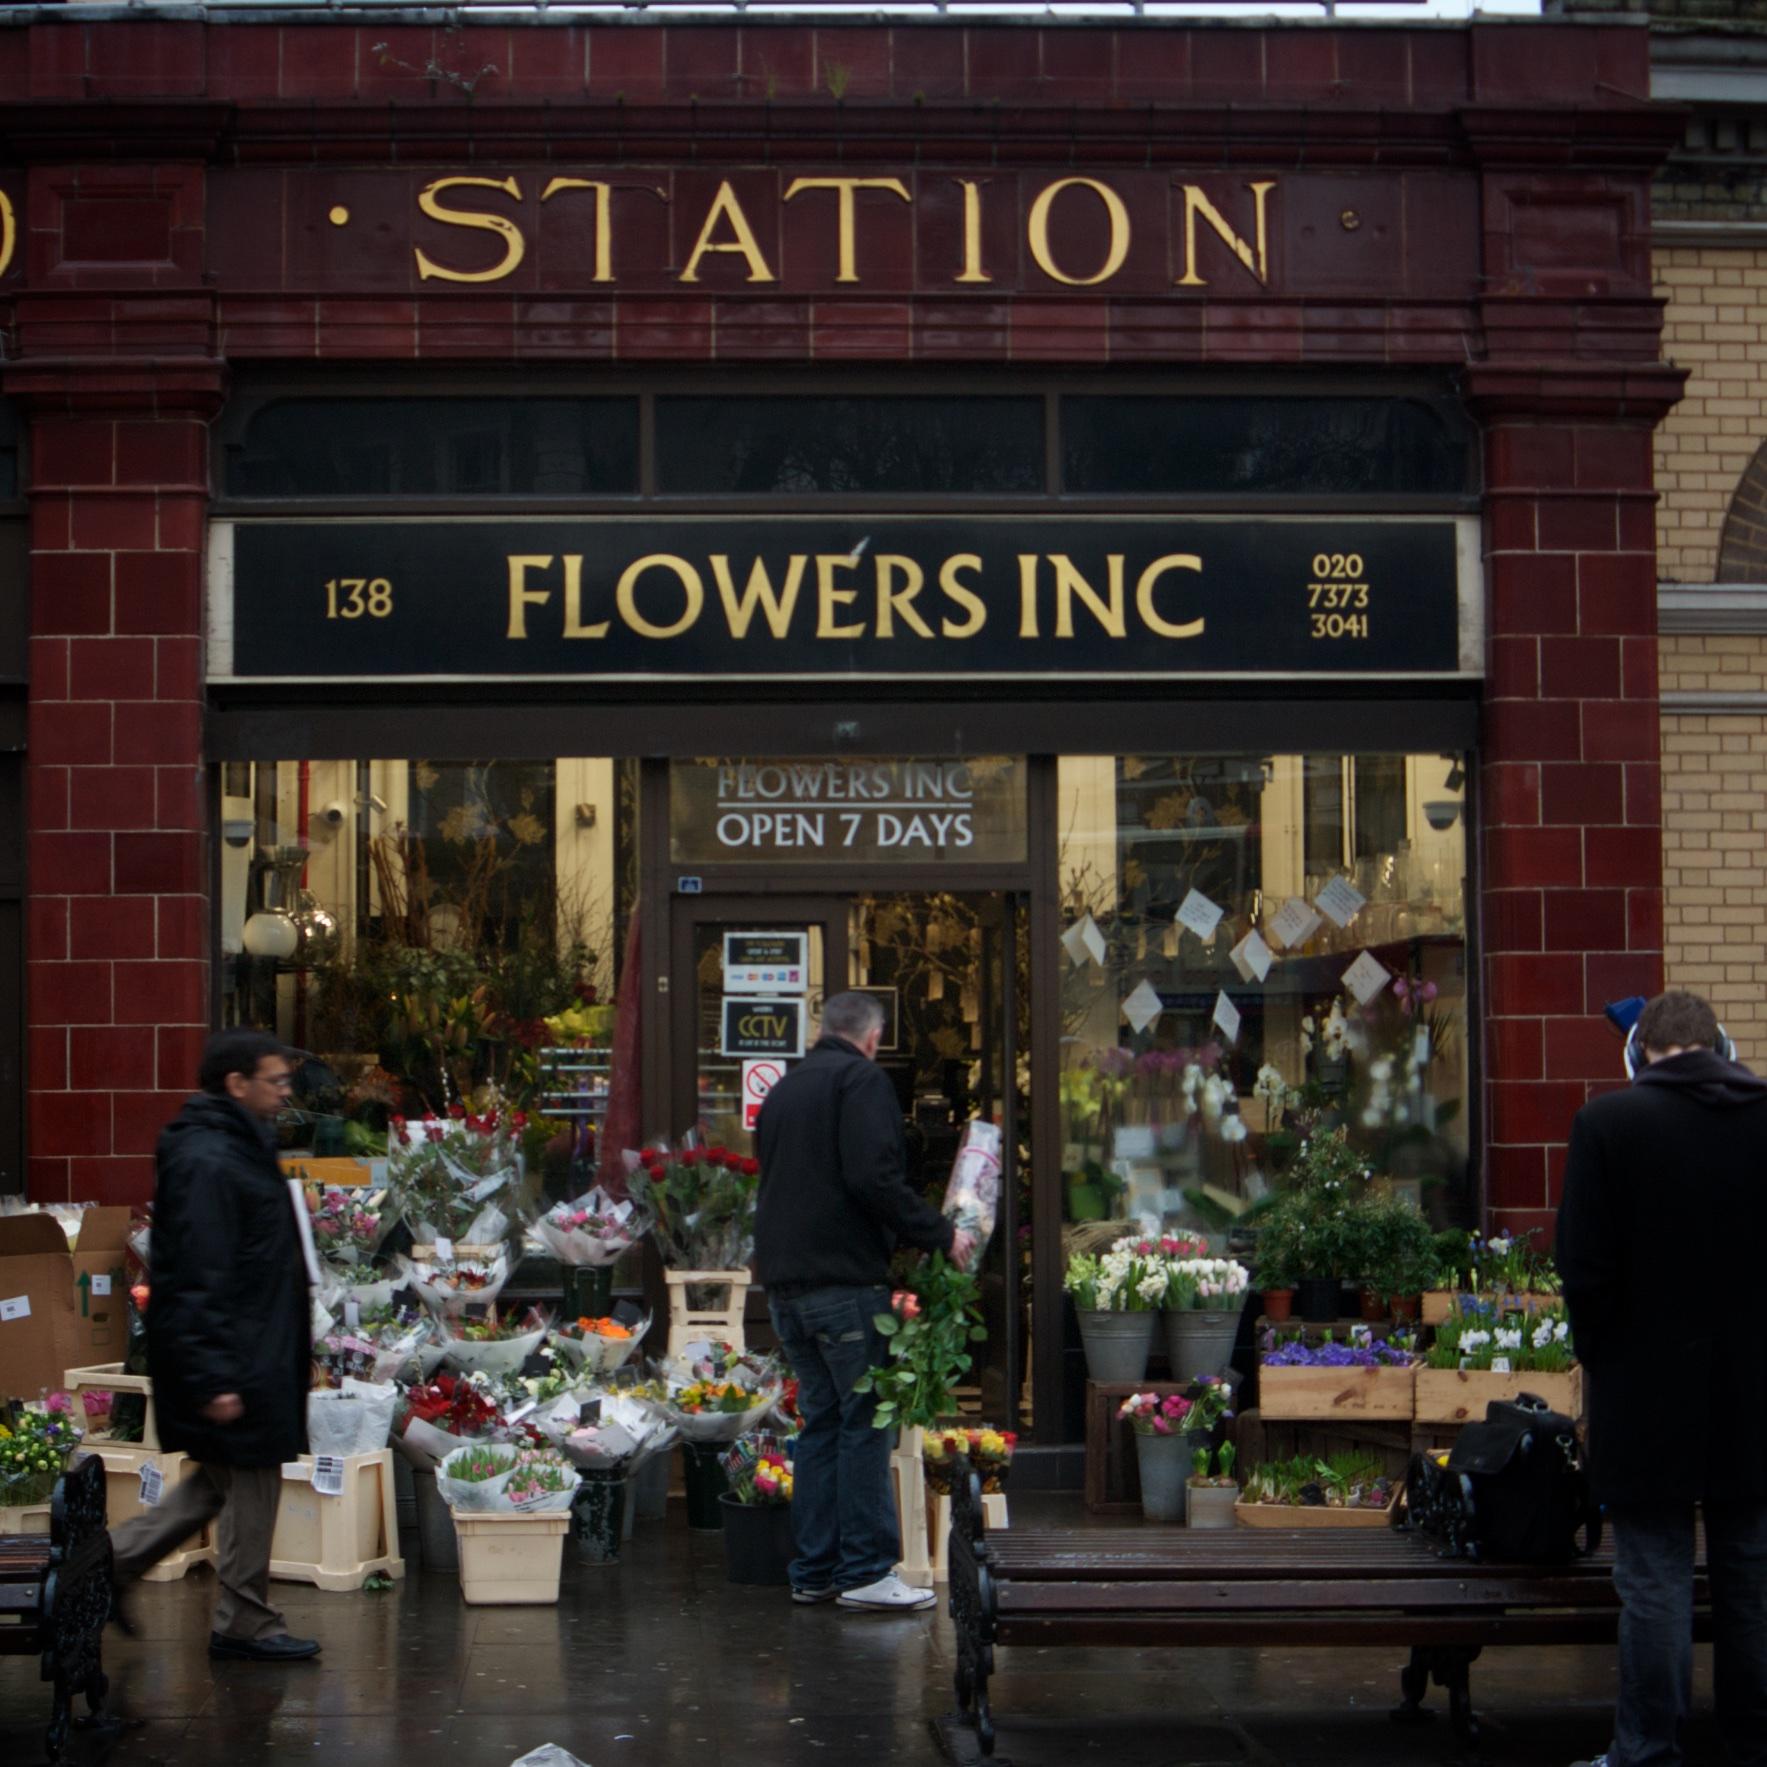 Esta floristería estaba al lado de la parada del metro